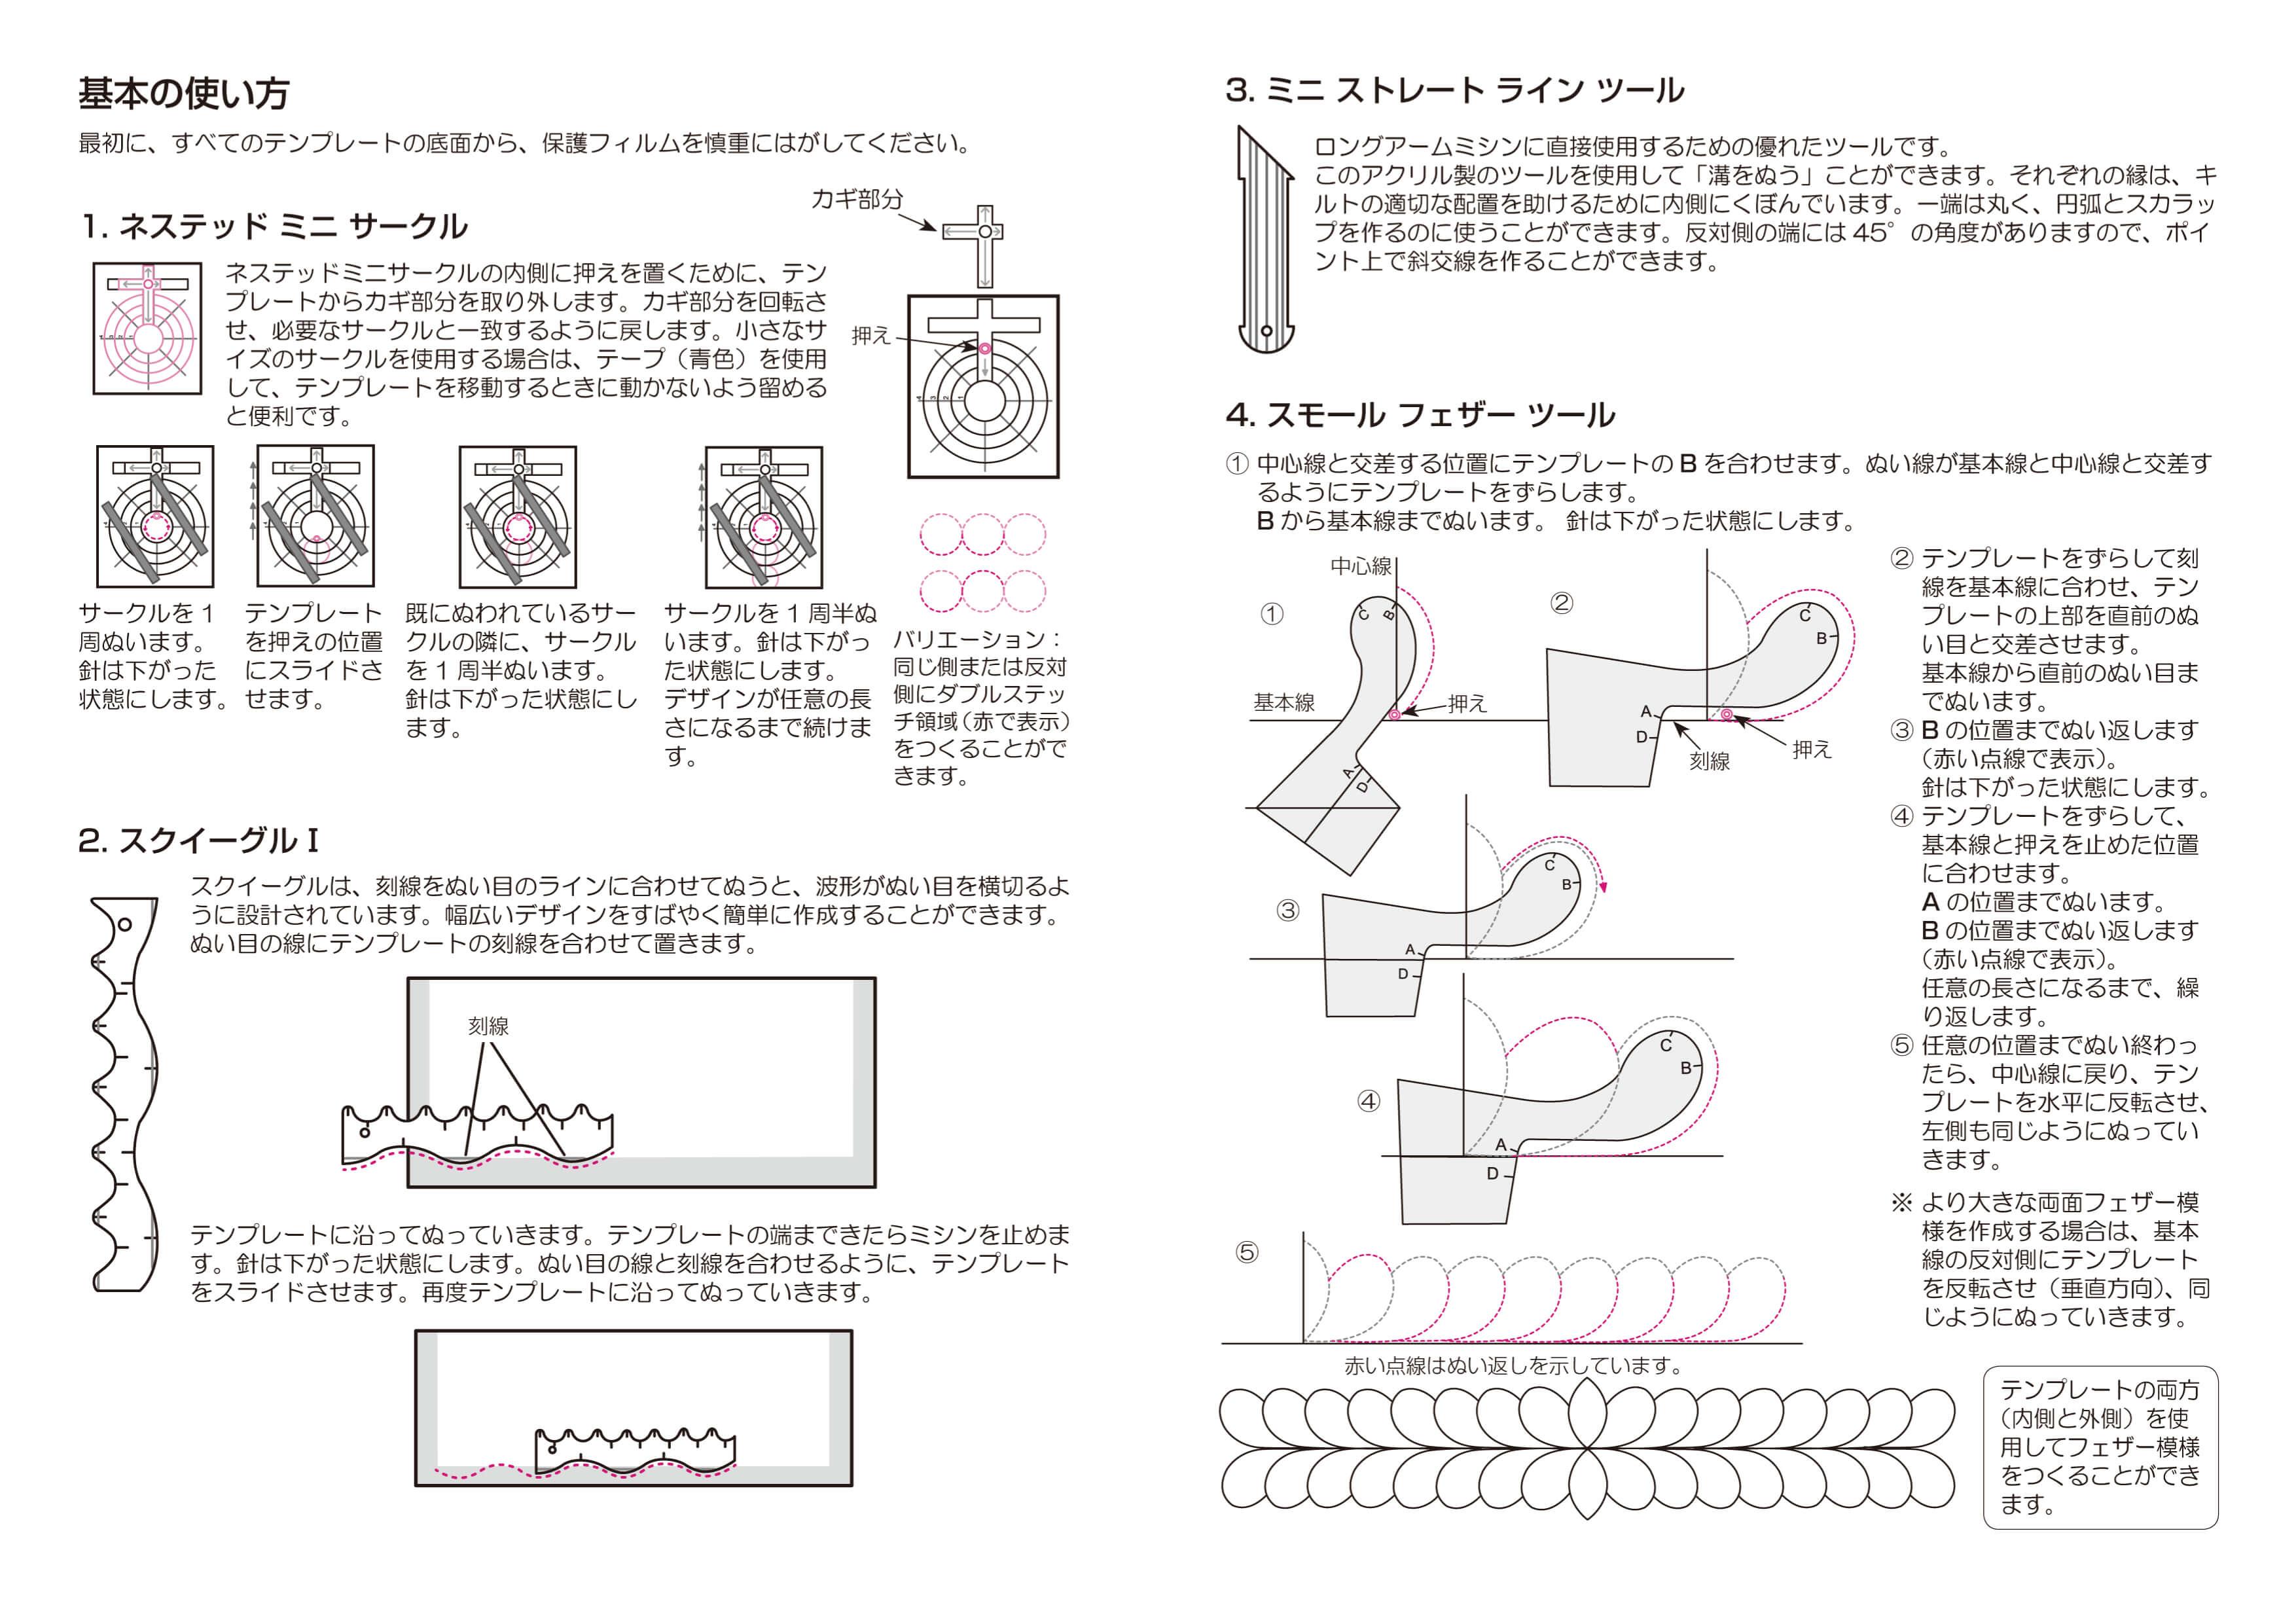 【送料無料】 【家庭用ミシン N、X、F、Gシリーズ専用】 キルト用 ルーラーセット(5点セット)